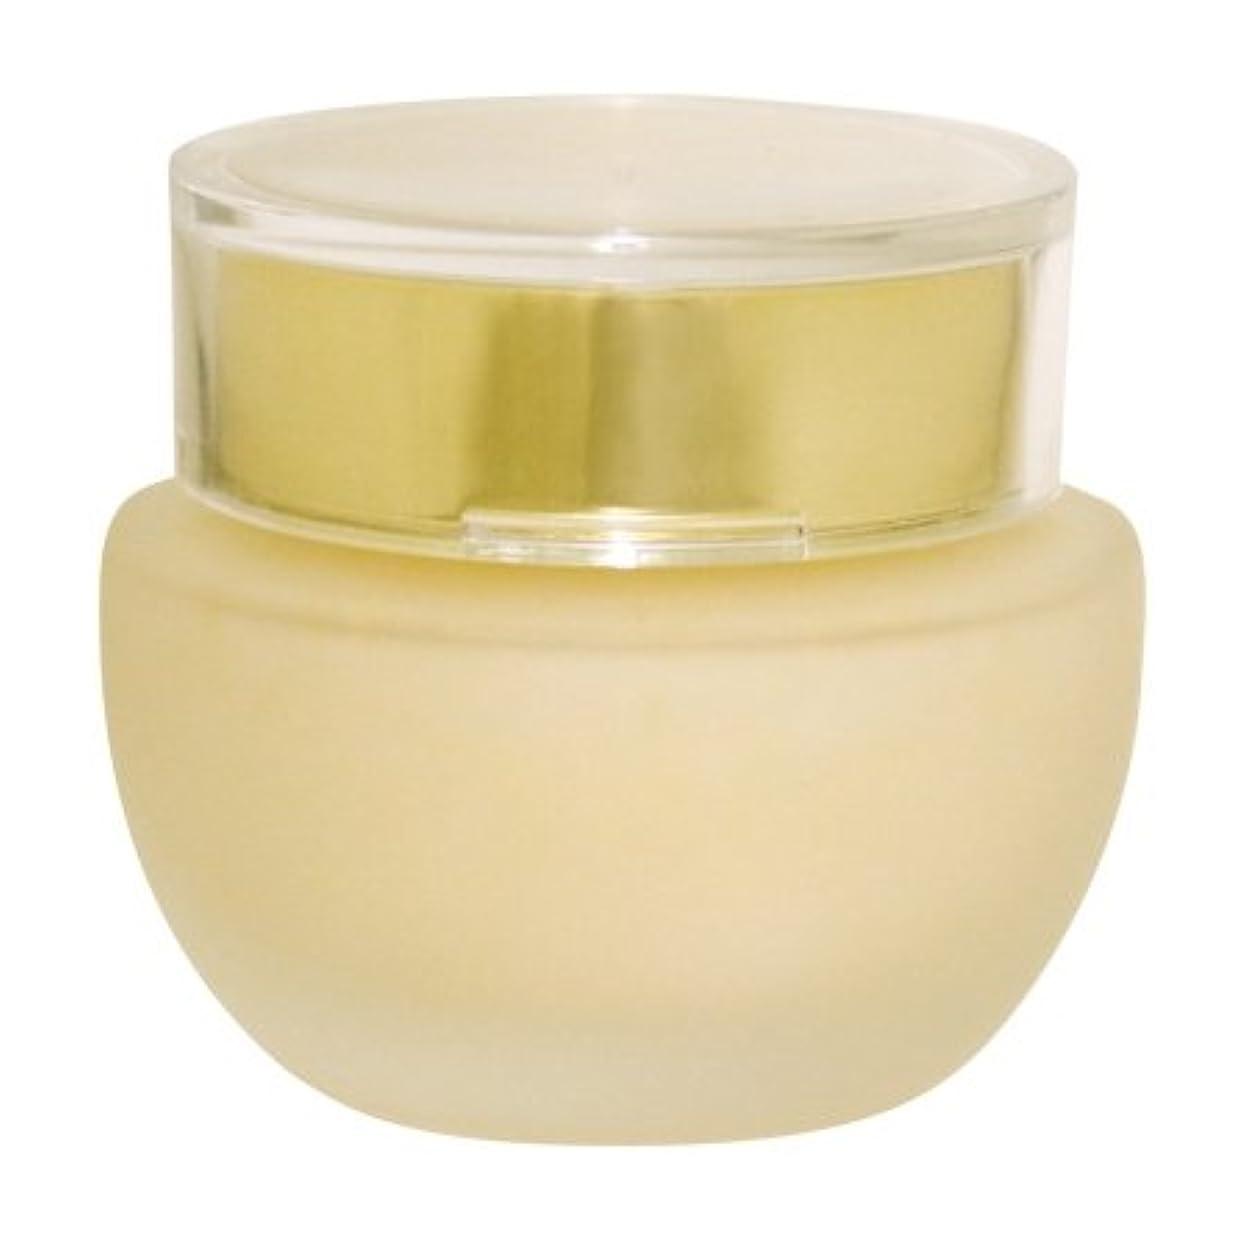 エンディングピービッシュ間接的ゴールドコスメ ピュアナイトクリーム 夜用クリーム 48g